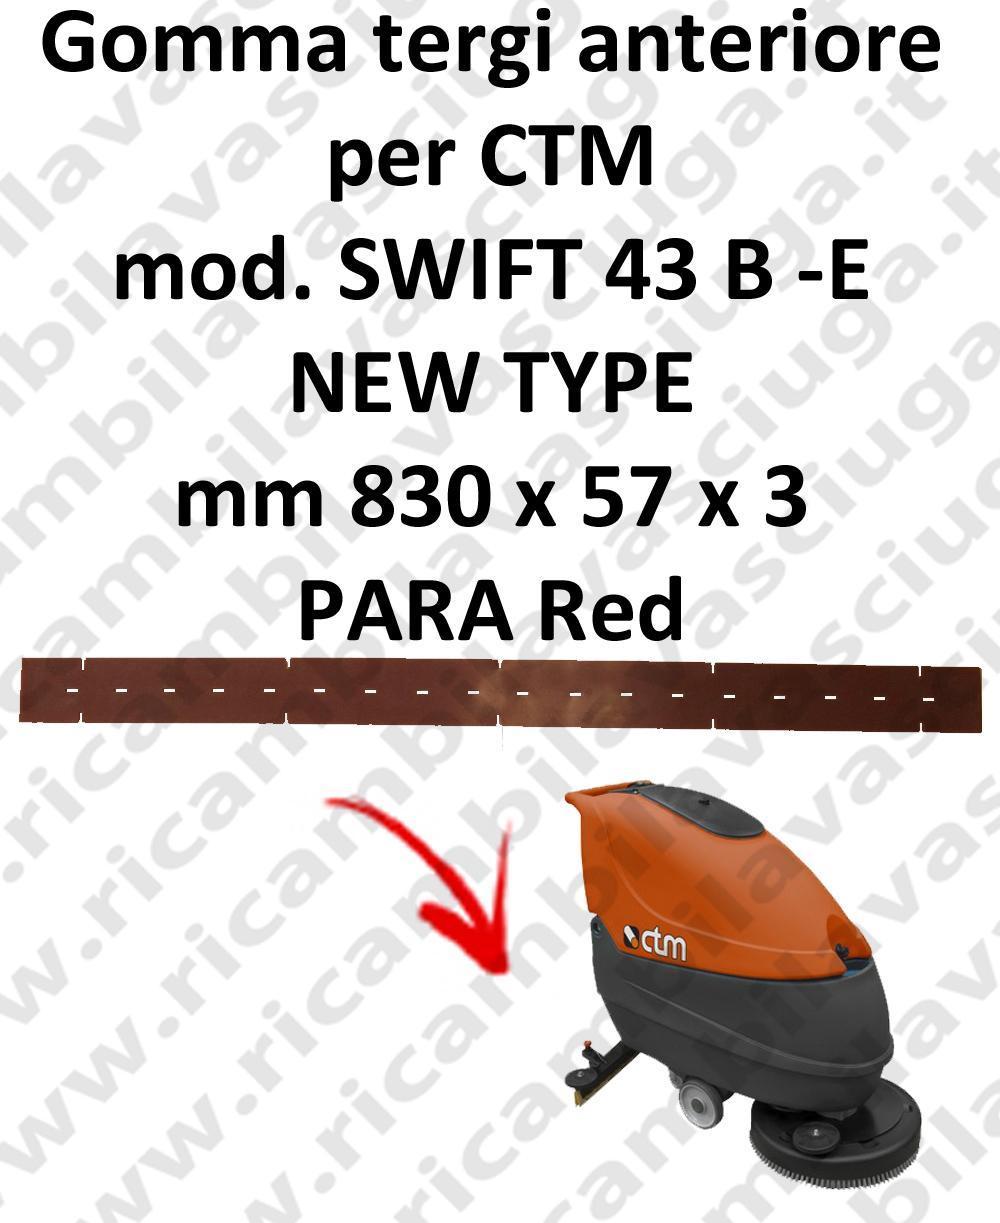 SWIFT 43 B - ünd NEW TYPE Vorne sauglippen für scheuersaugmaschinen CTM